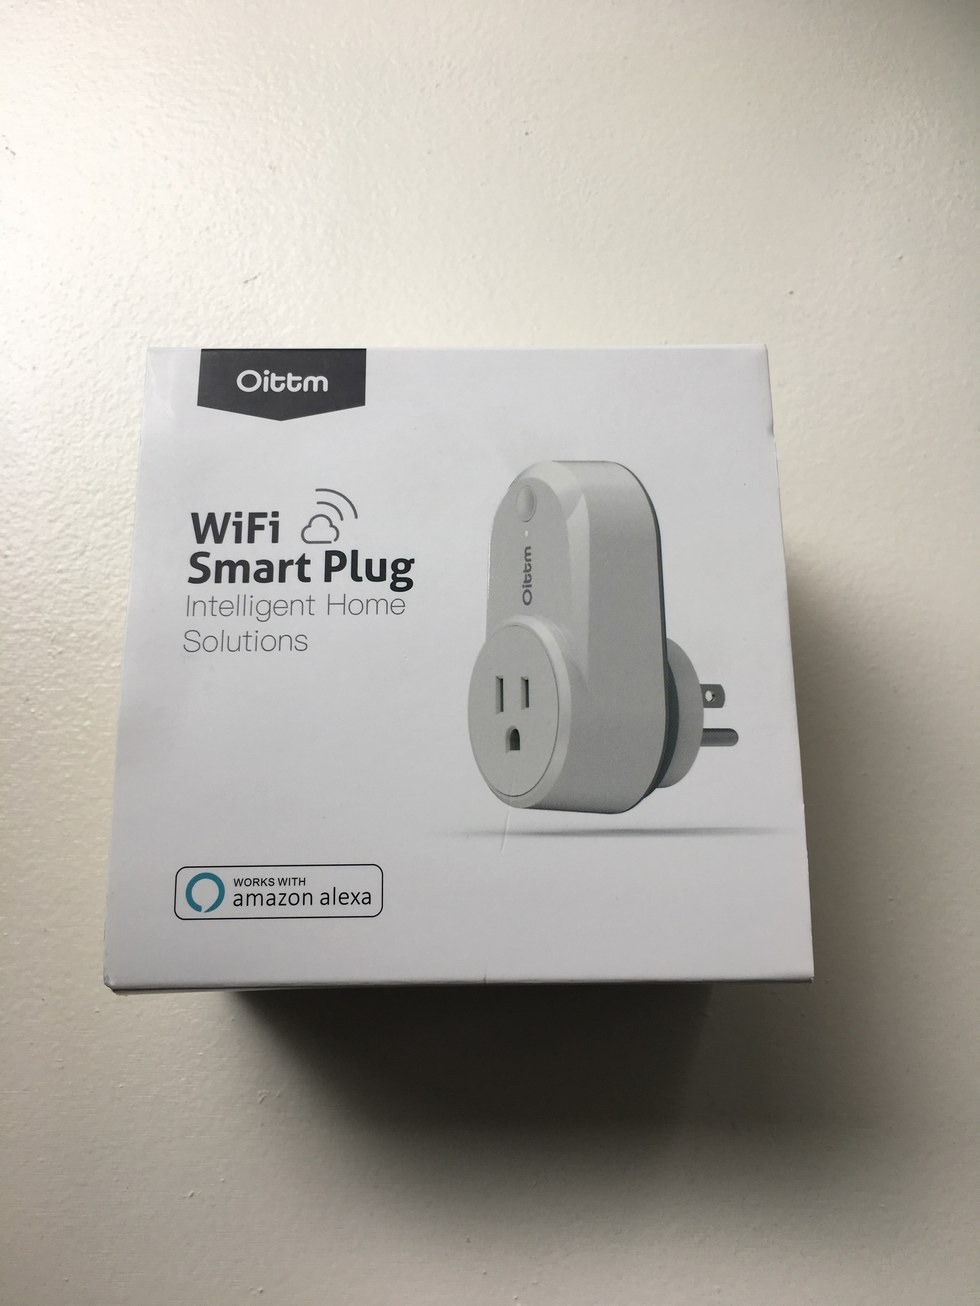 Oittm Wi-Fi Smart Plug